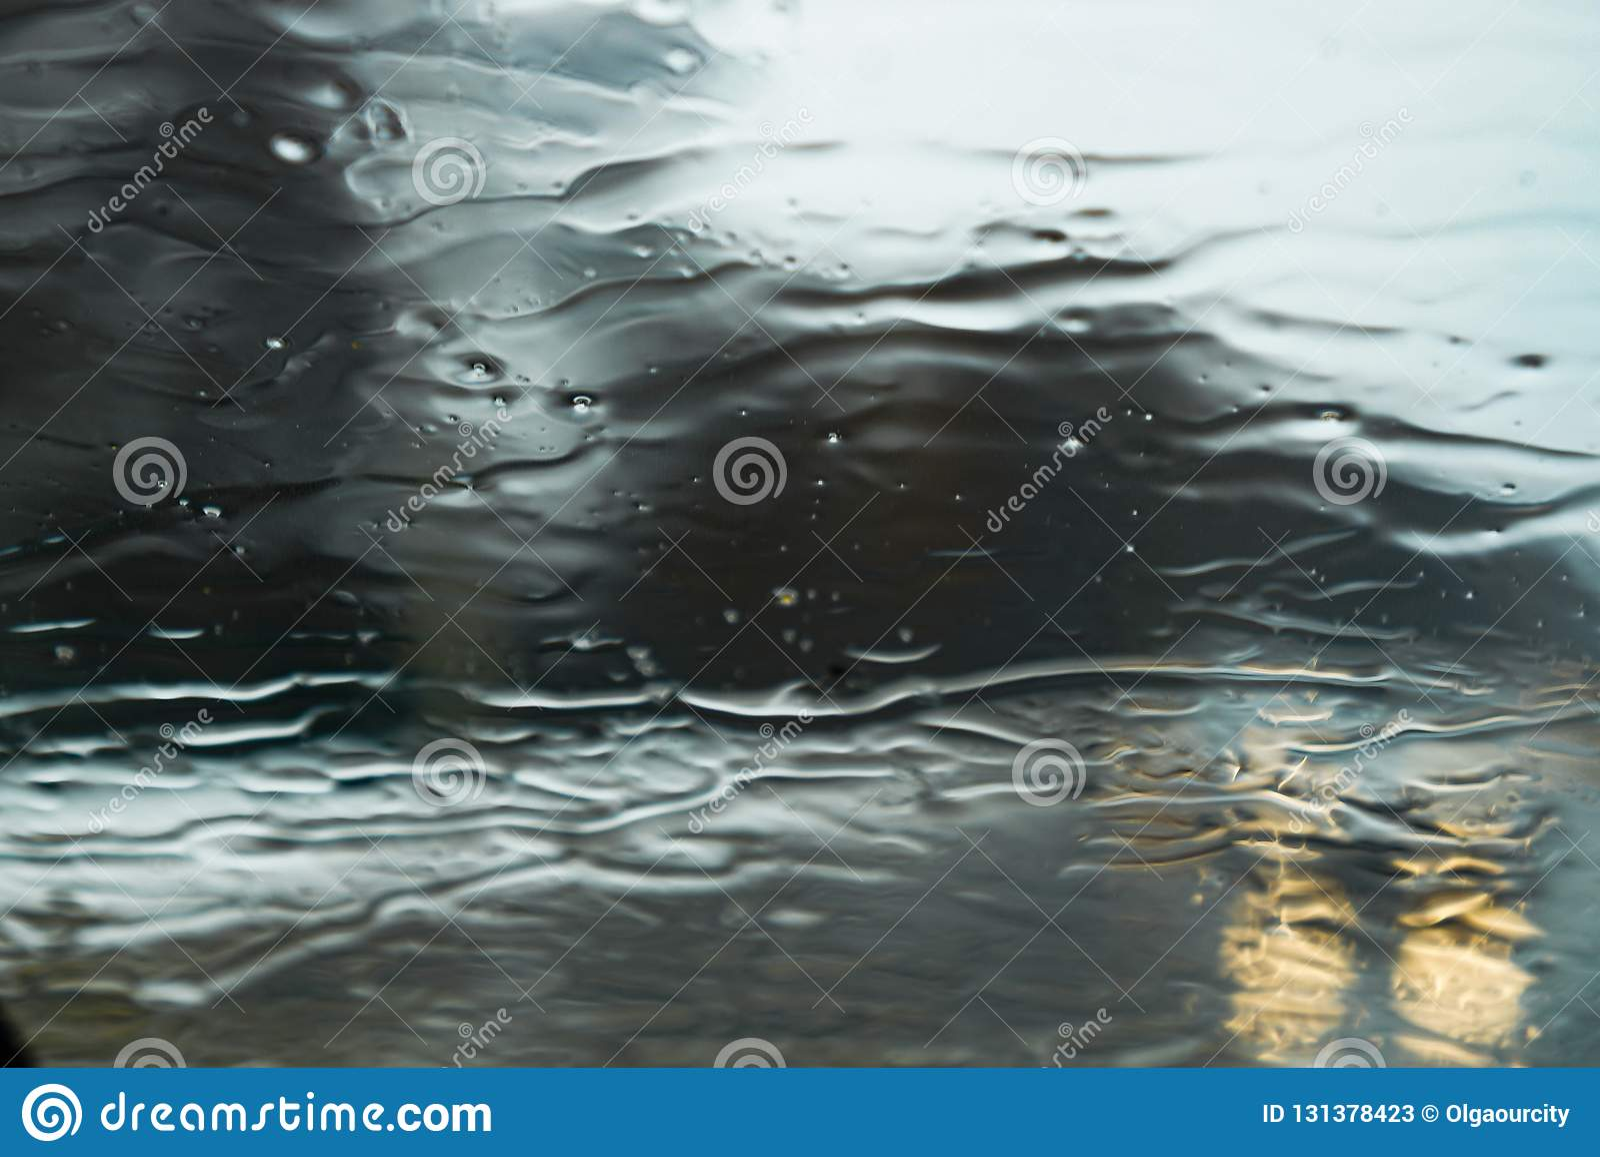 Влажные дождливые серые обои